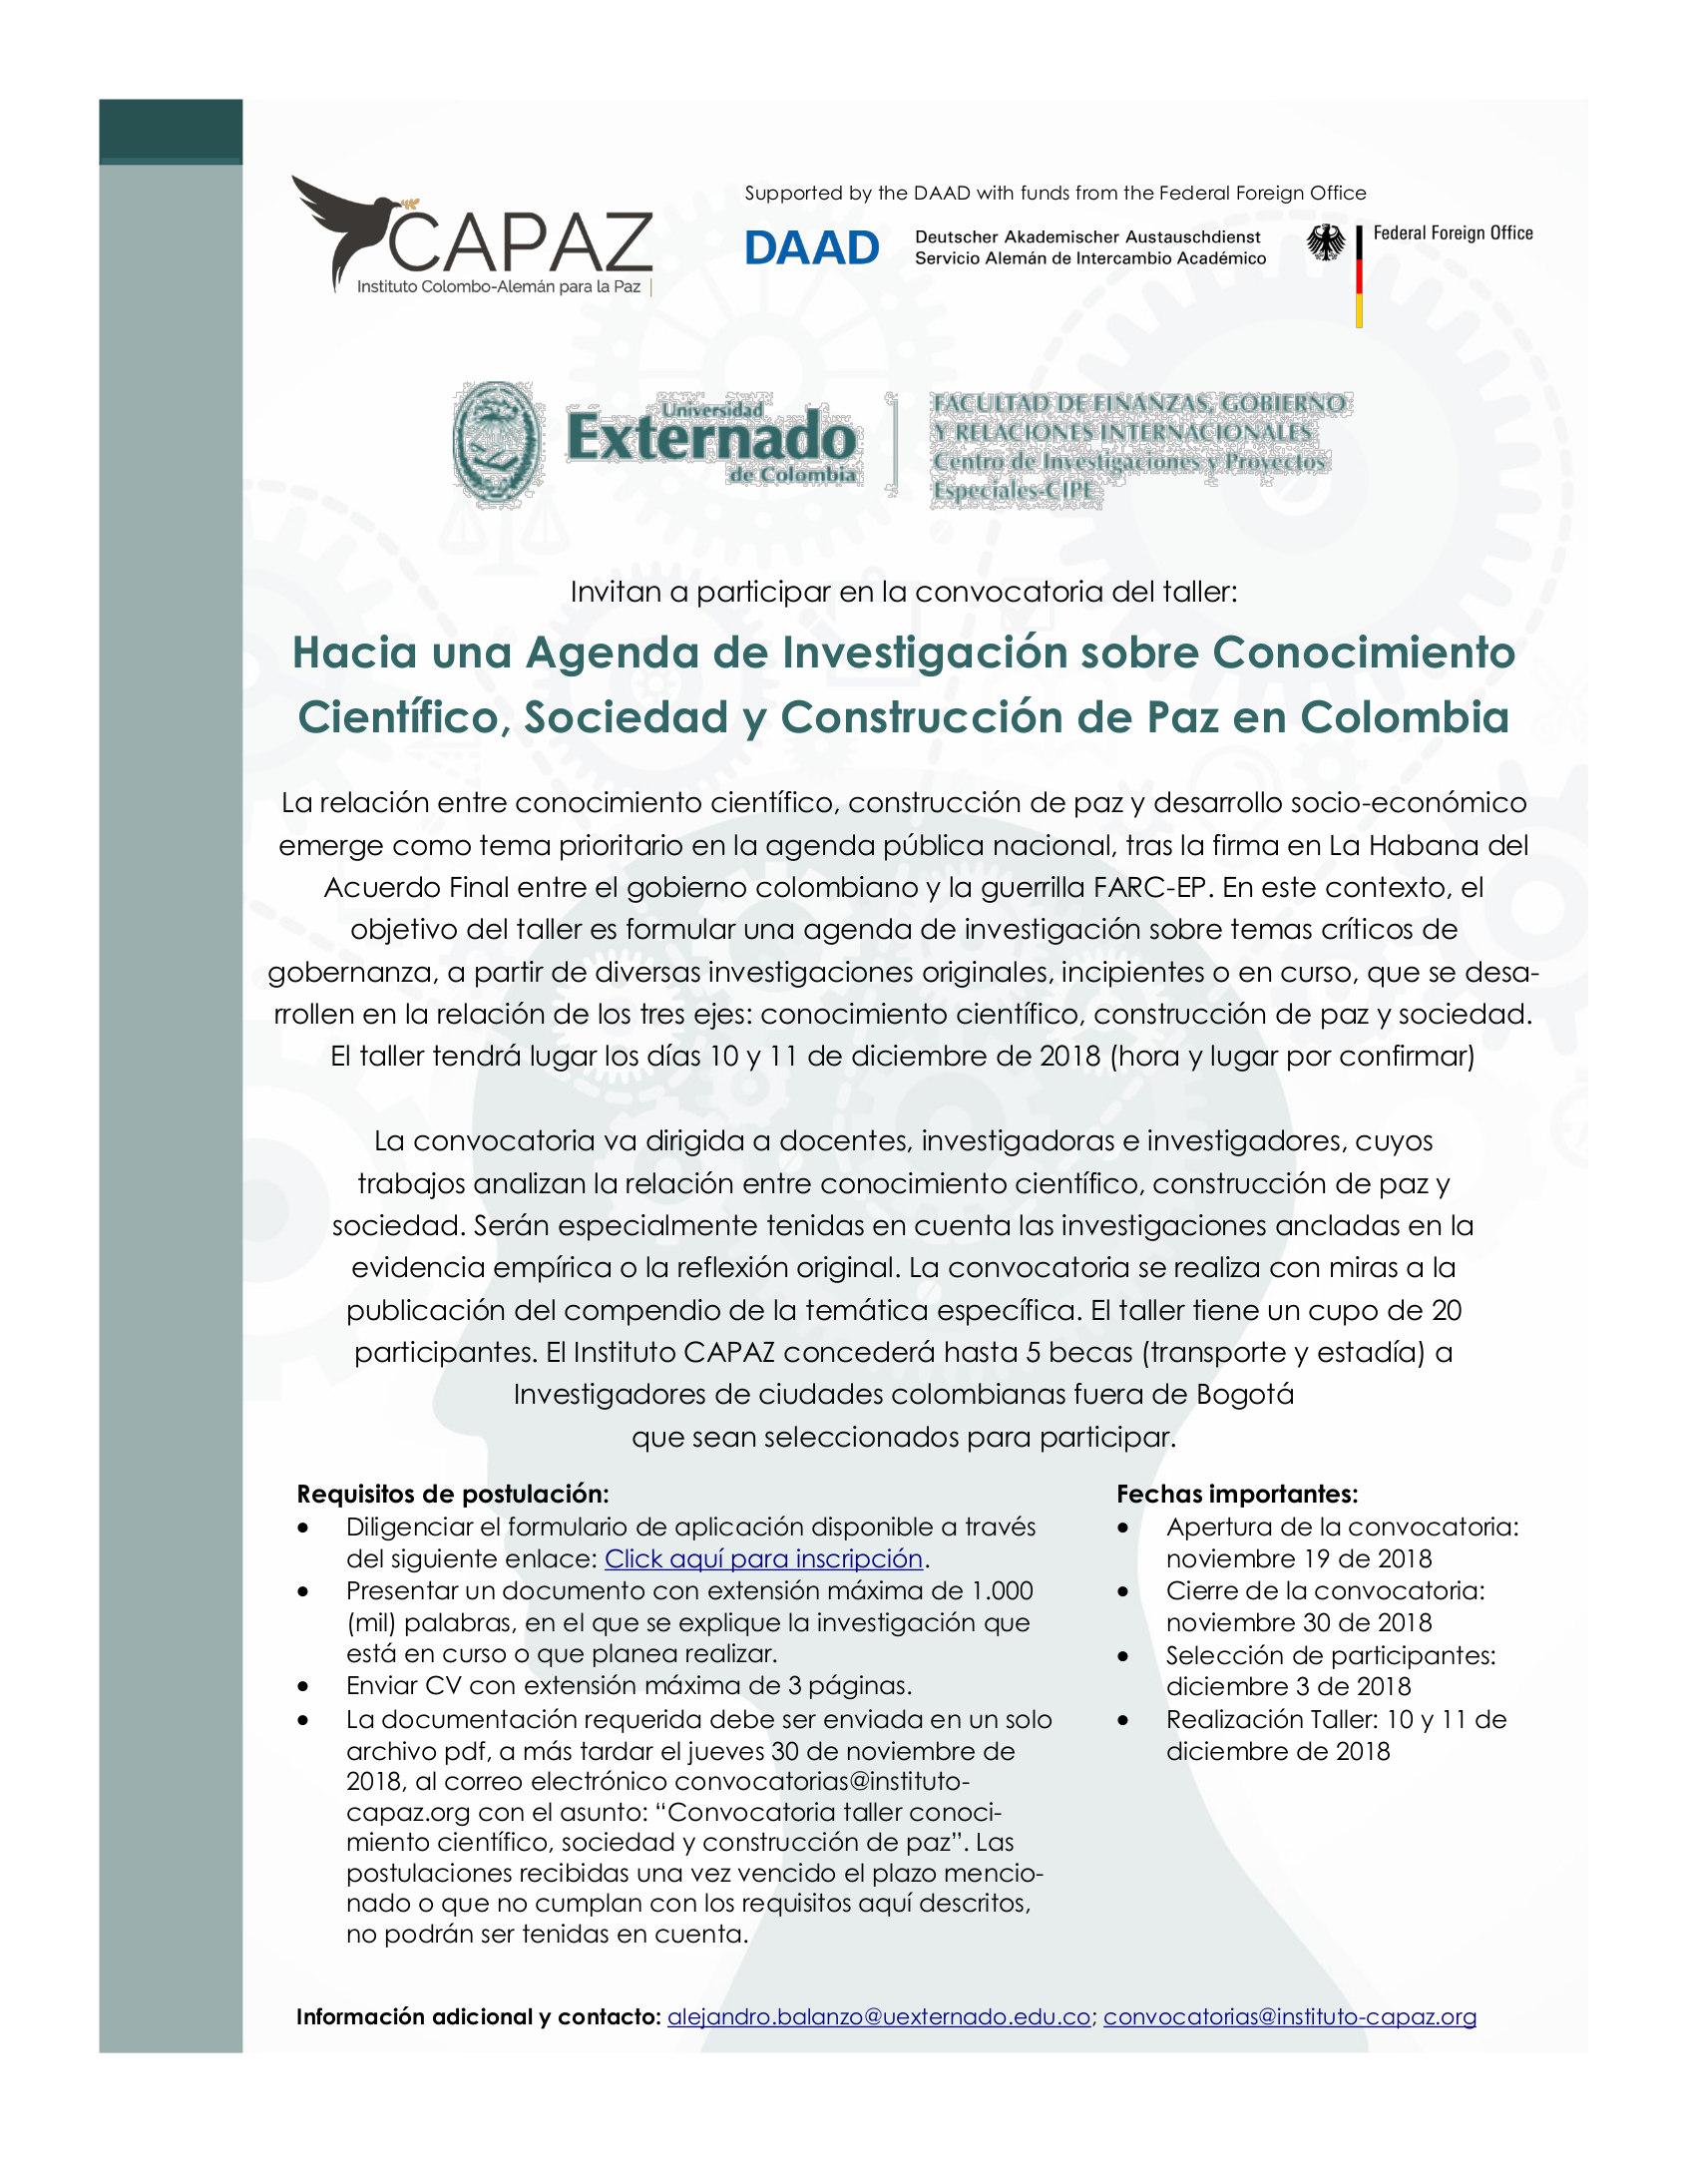 Convocatoria para participar en el taller «Hacia una Agenda de Investigación sobre Conocimiento Científico, Sociedad y Construcción de Paz en Colombia» (Instituto CAPAZ y U. Externado de Colombia)